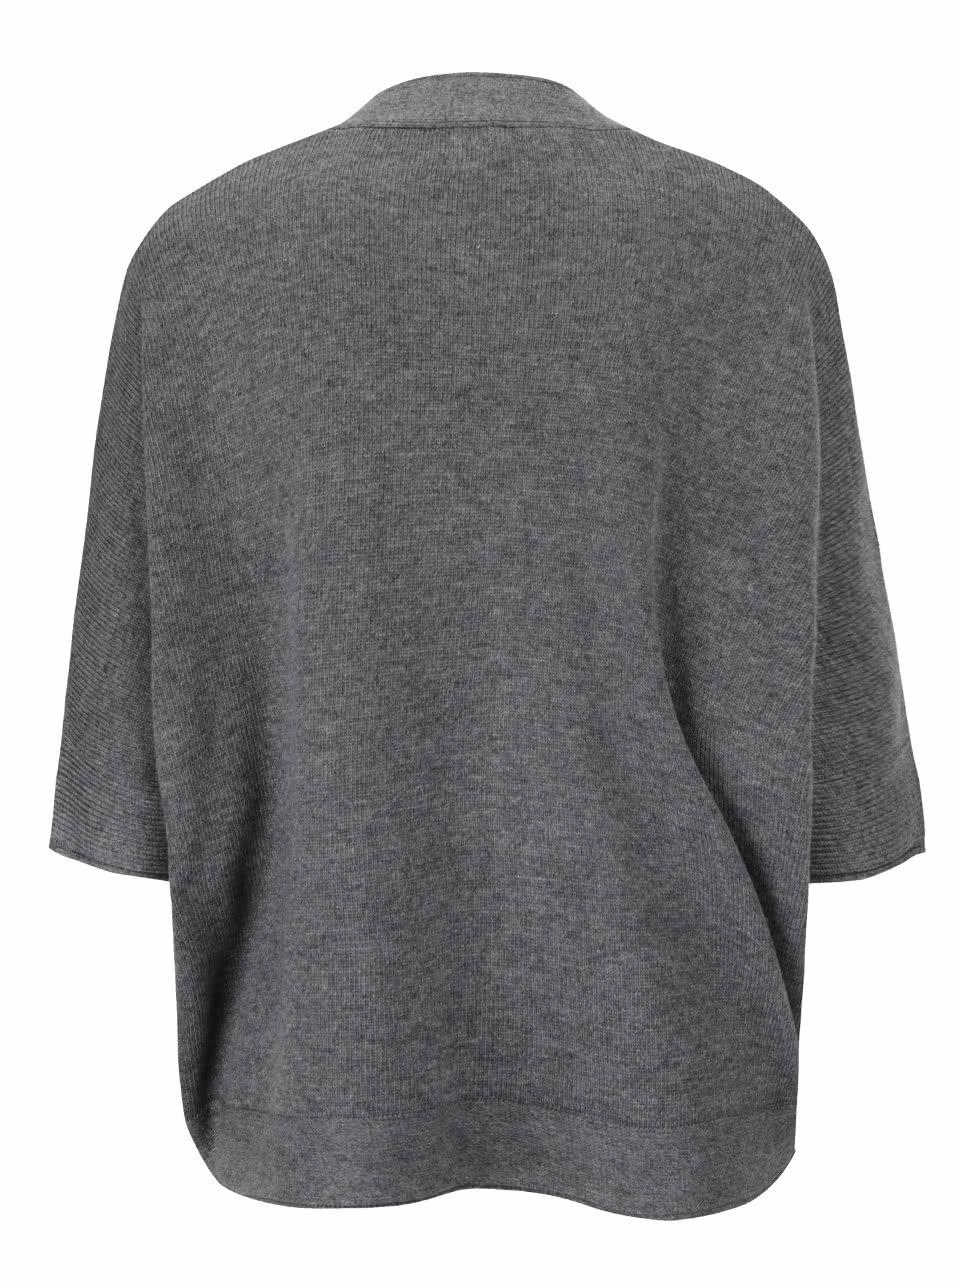 Sivý dámsky oversize sveter s netopierími rukávmi Broadway Rhian ... 2eca0a602a4